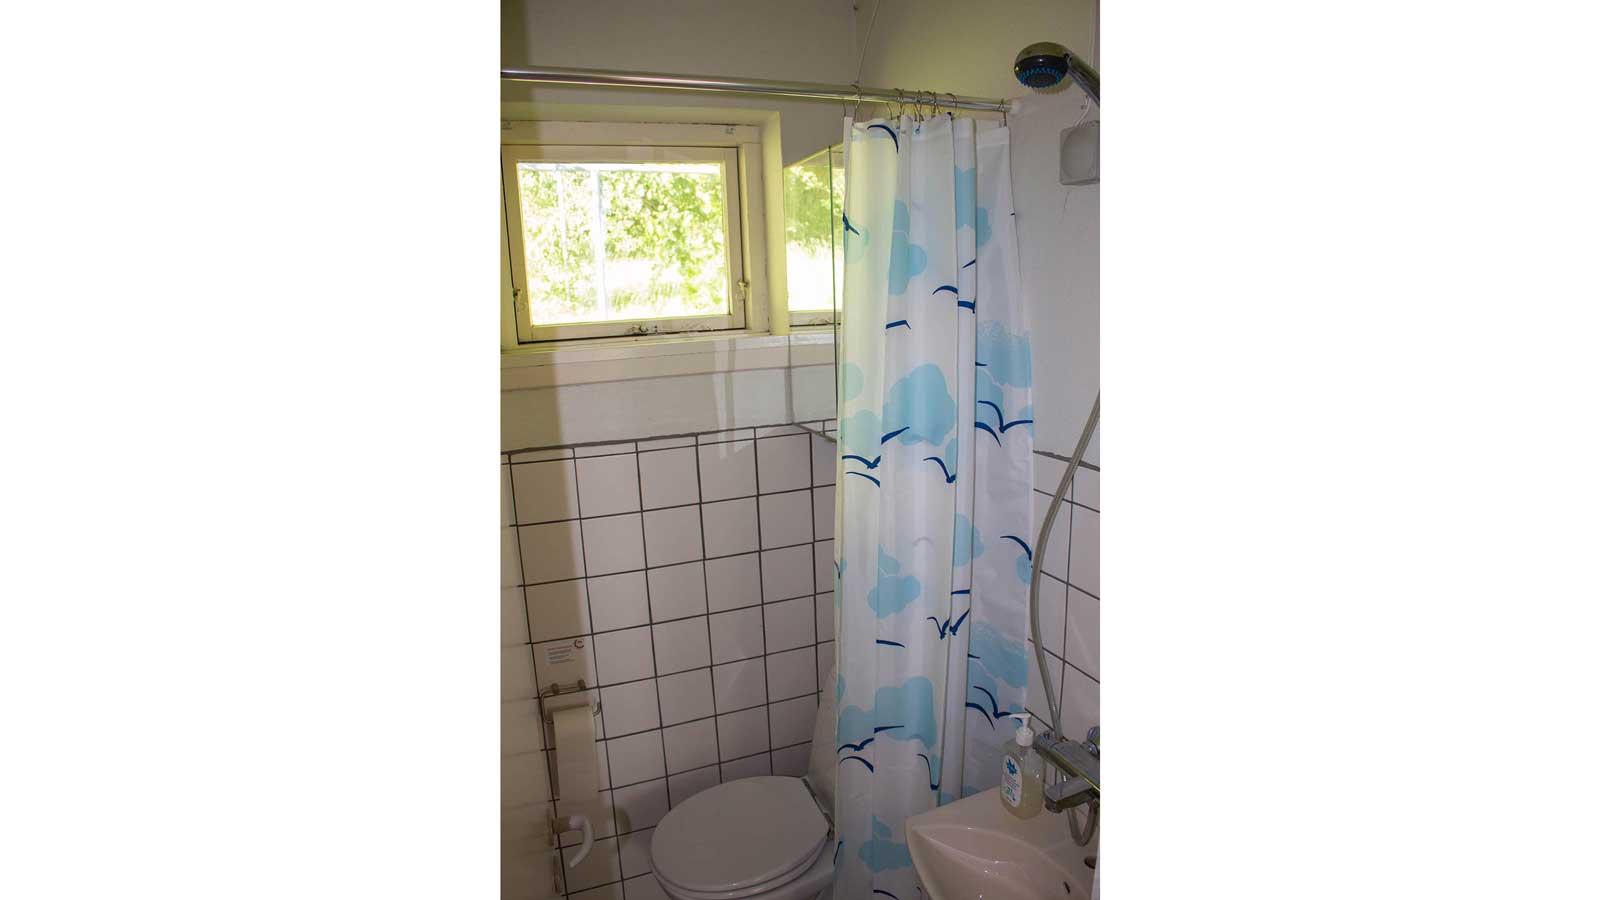 Badeværelset i stueetagen